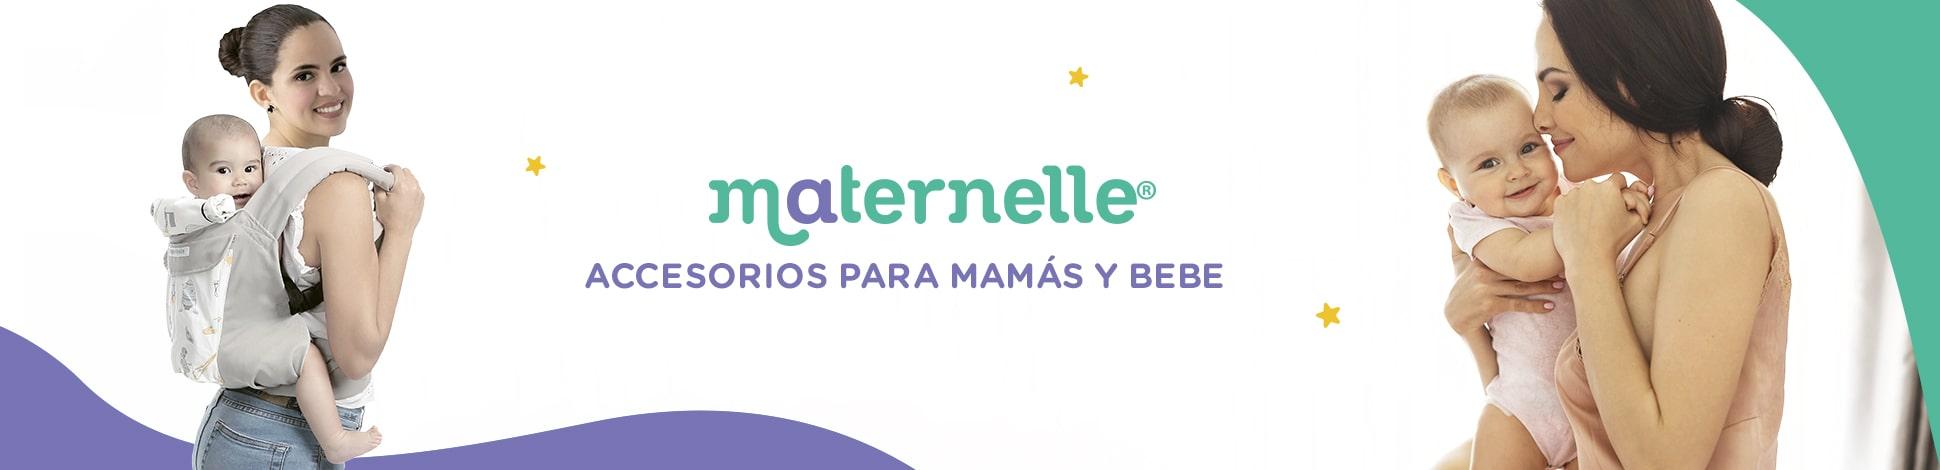 Banner2-min.jpg | Juntoz.com